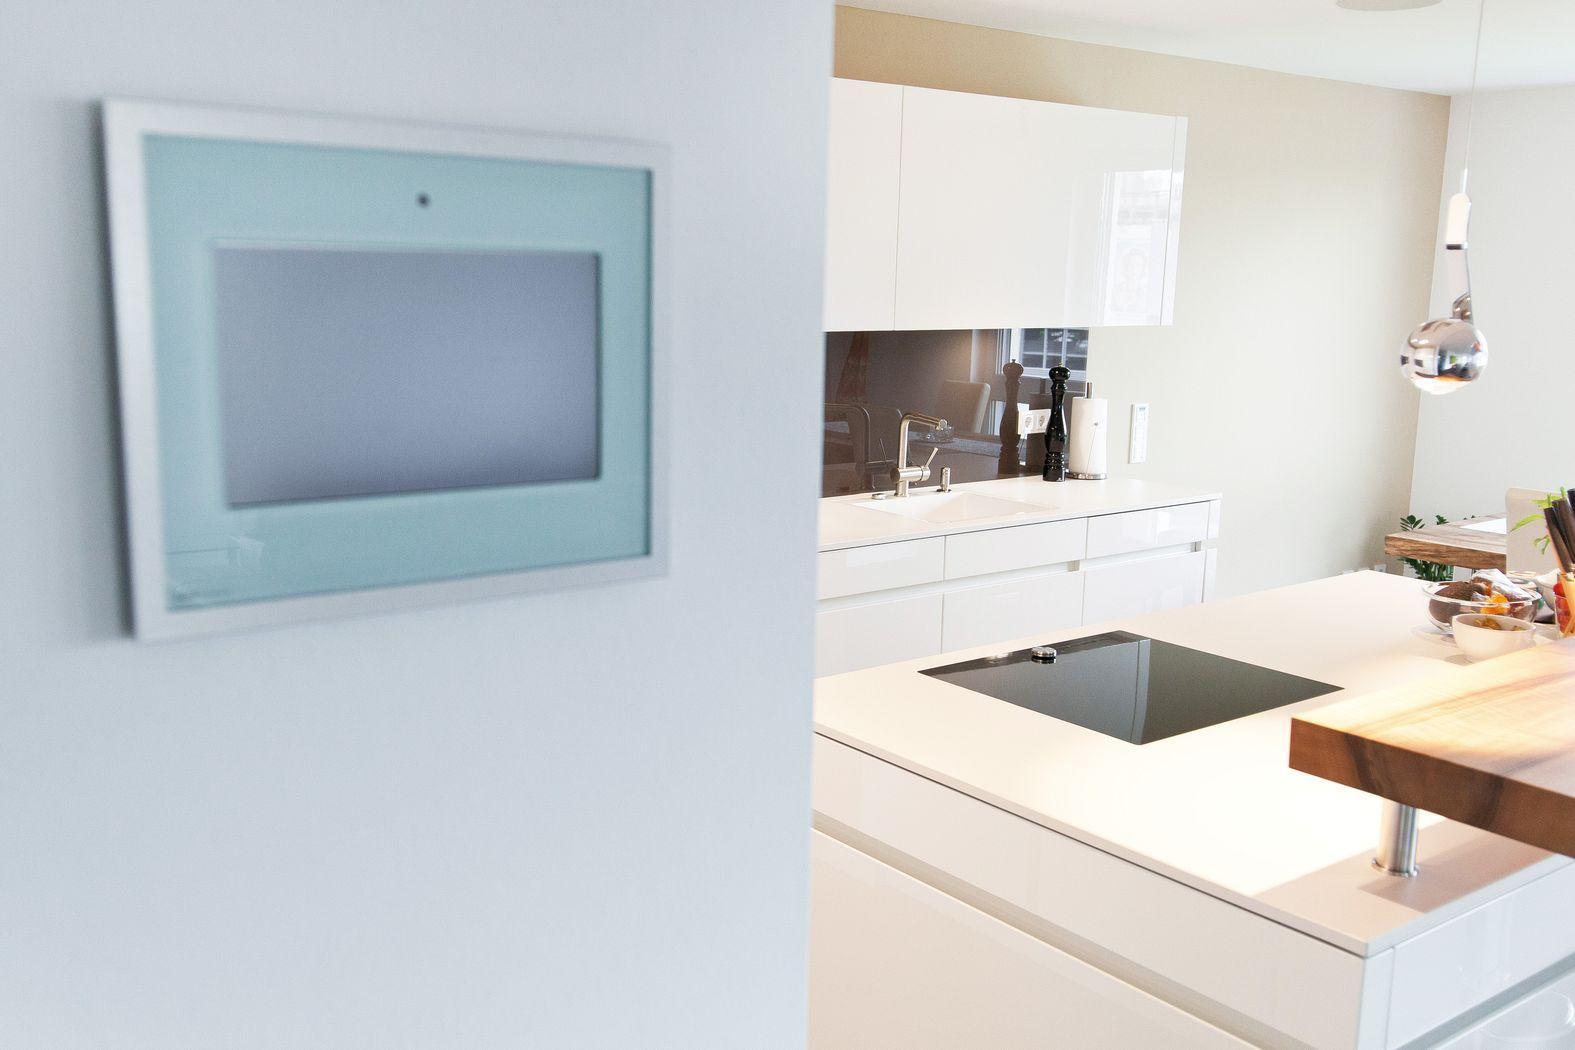 Kochinsel küchentraum in hochglanz weiß mit theke und modernster ...